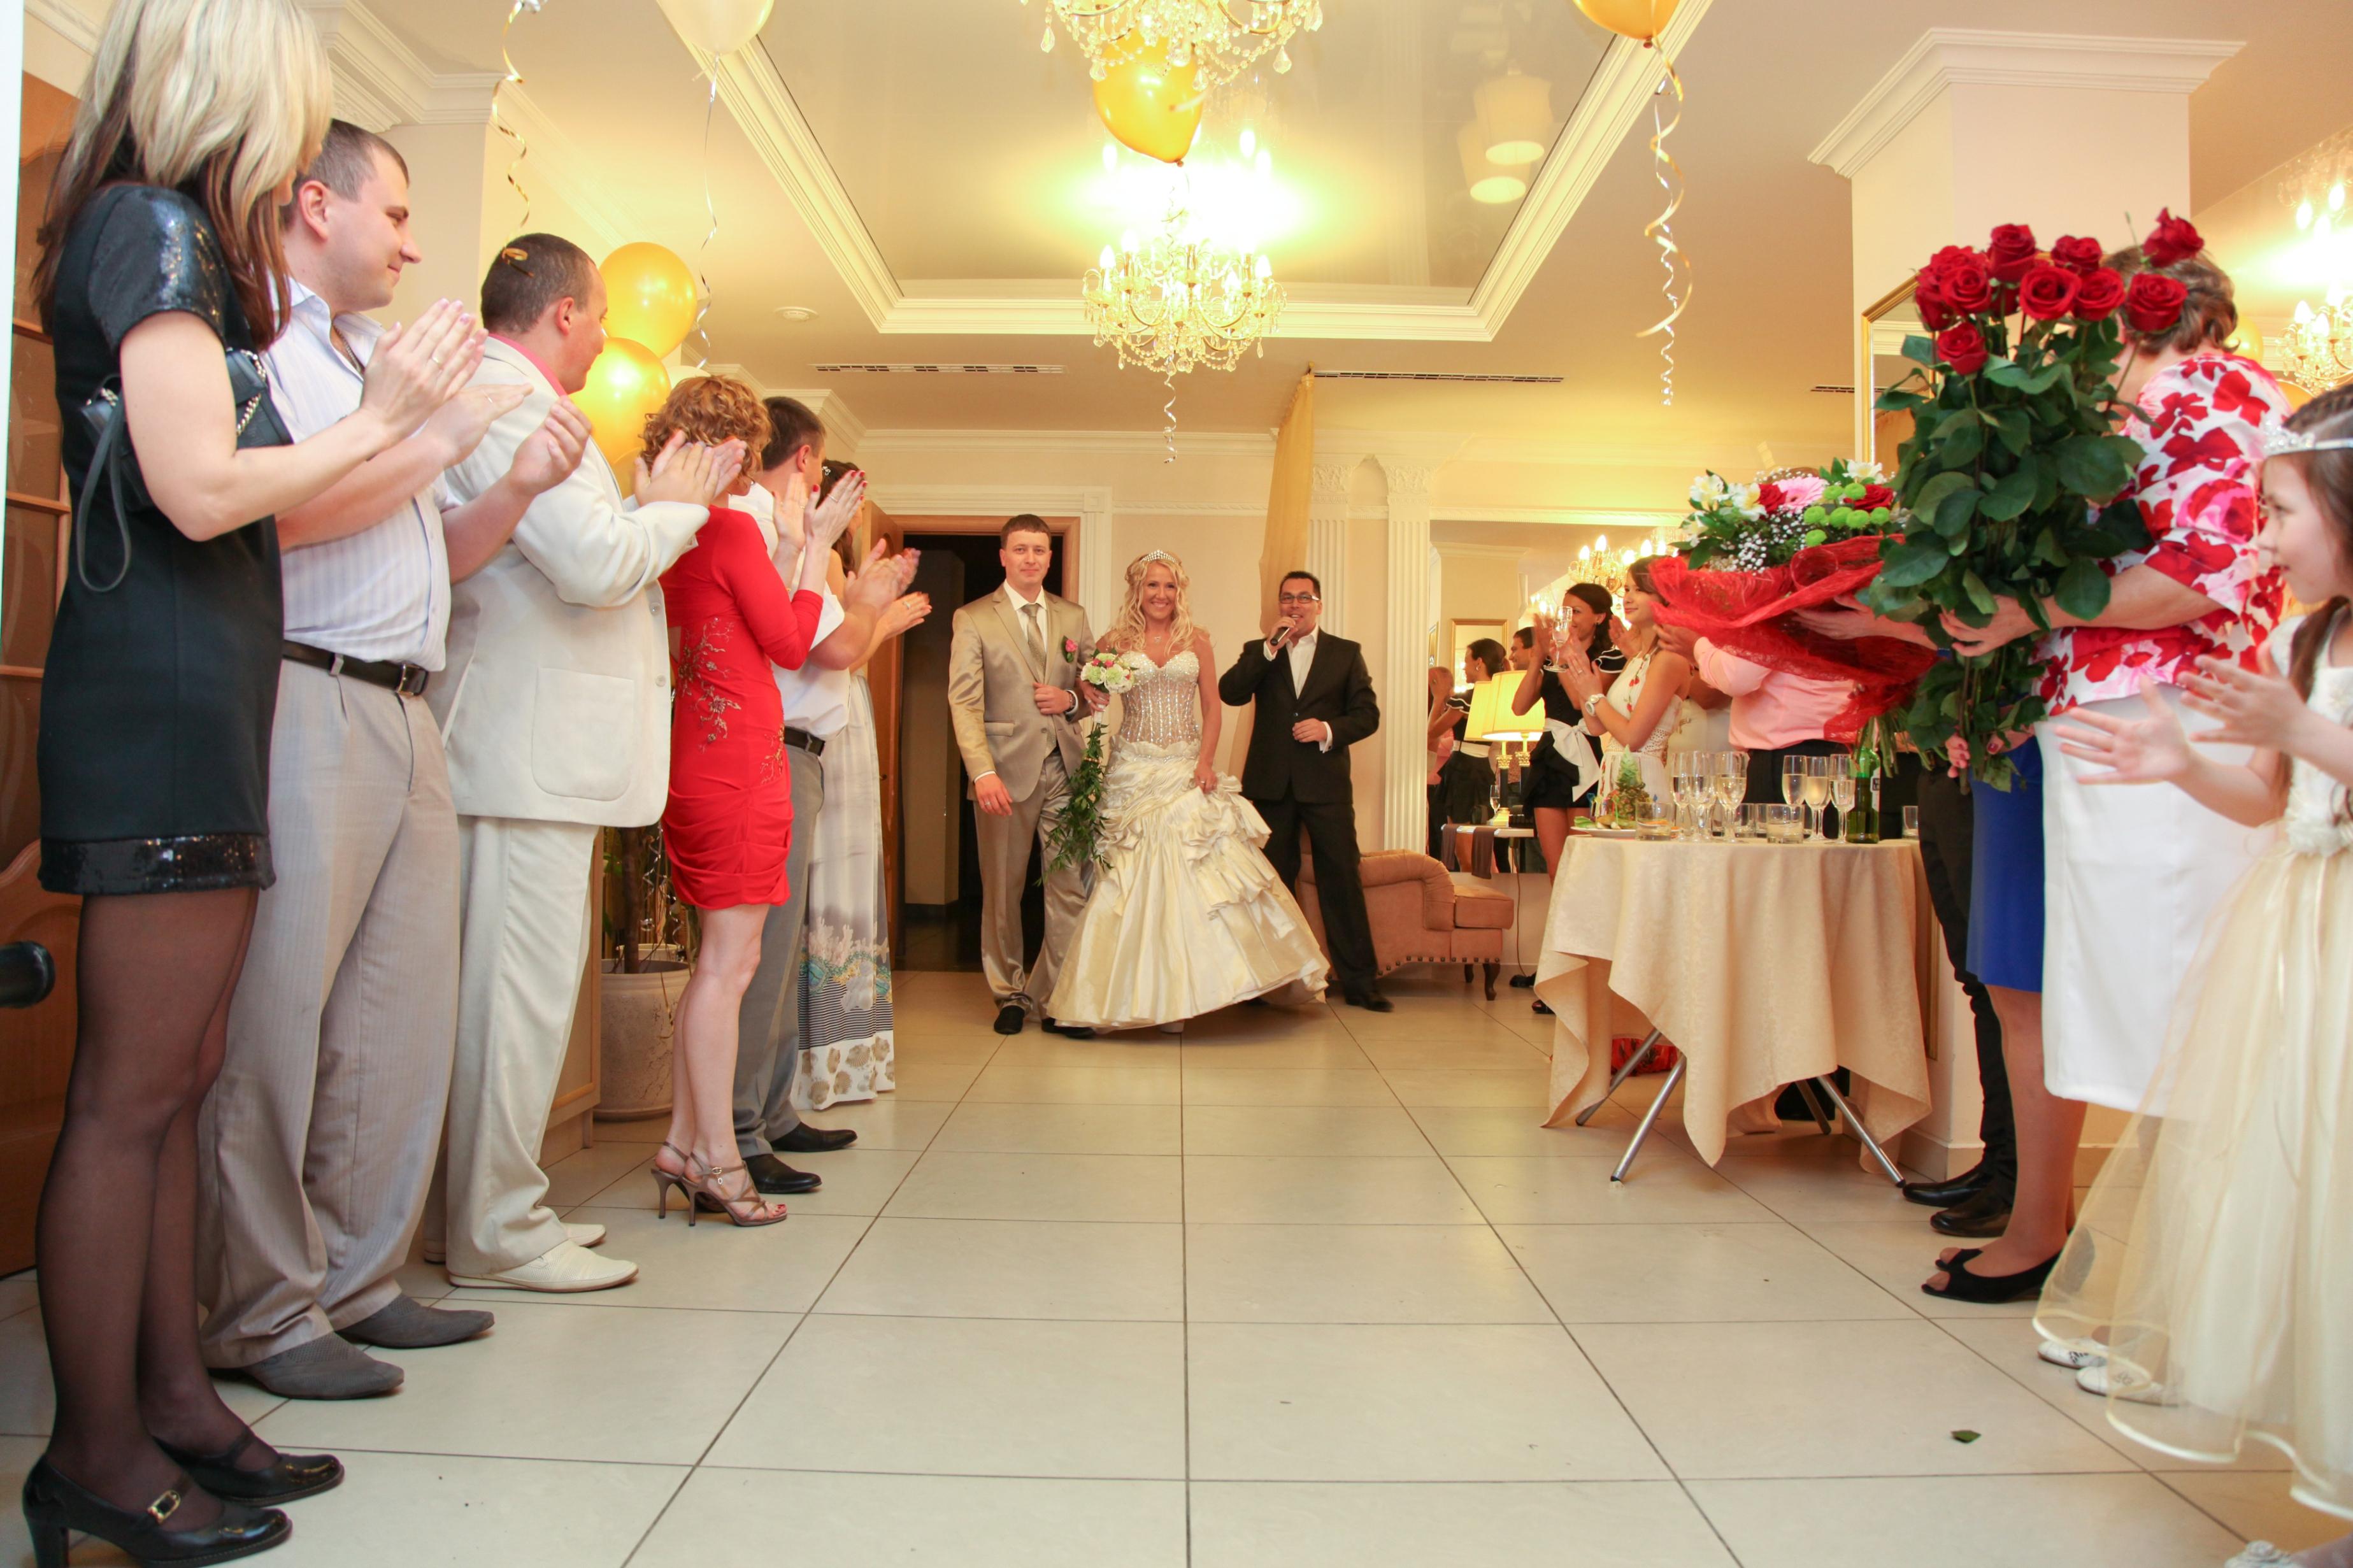 Музыкальное поздравление от друзей на свадьбу